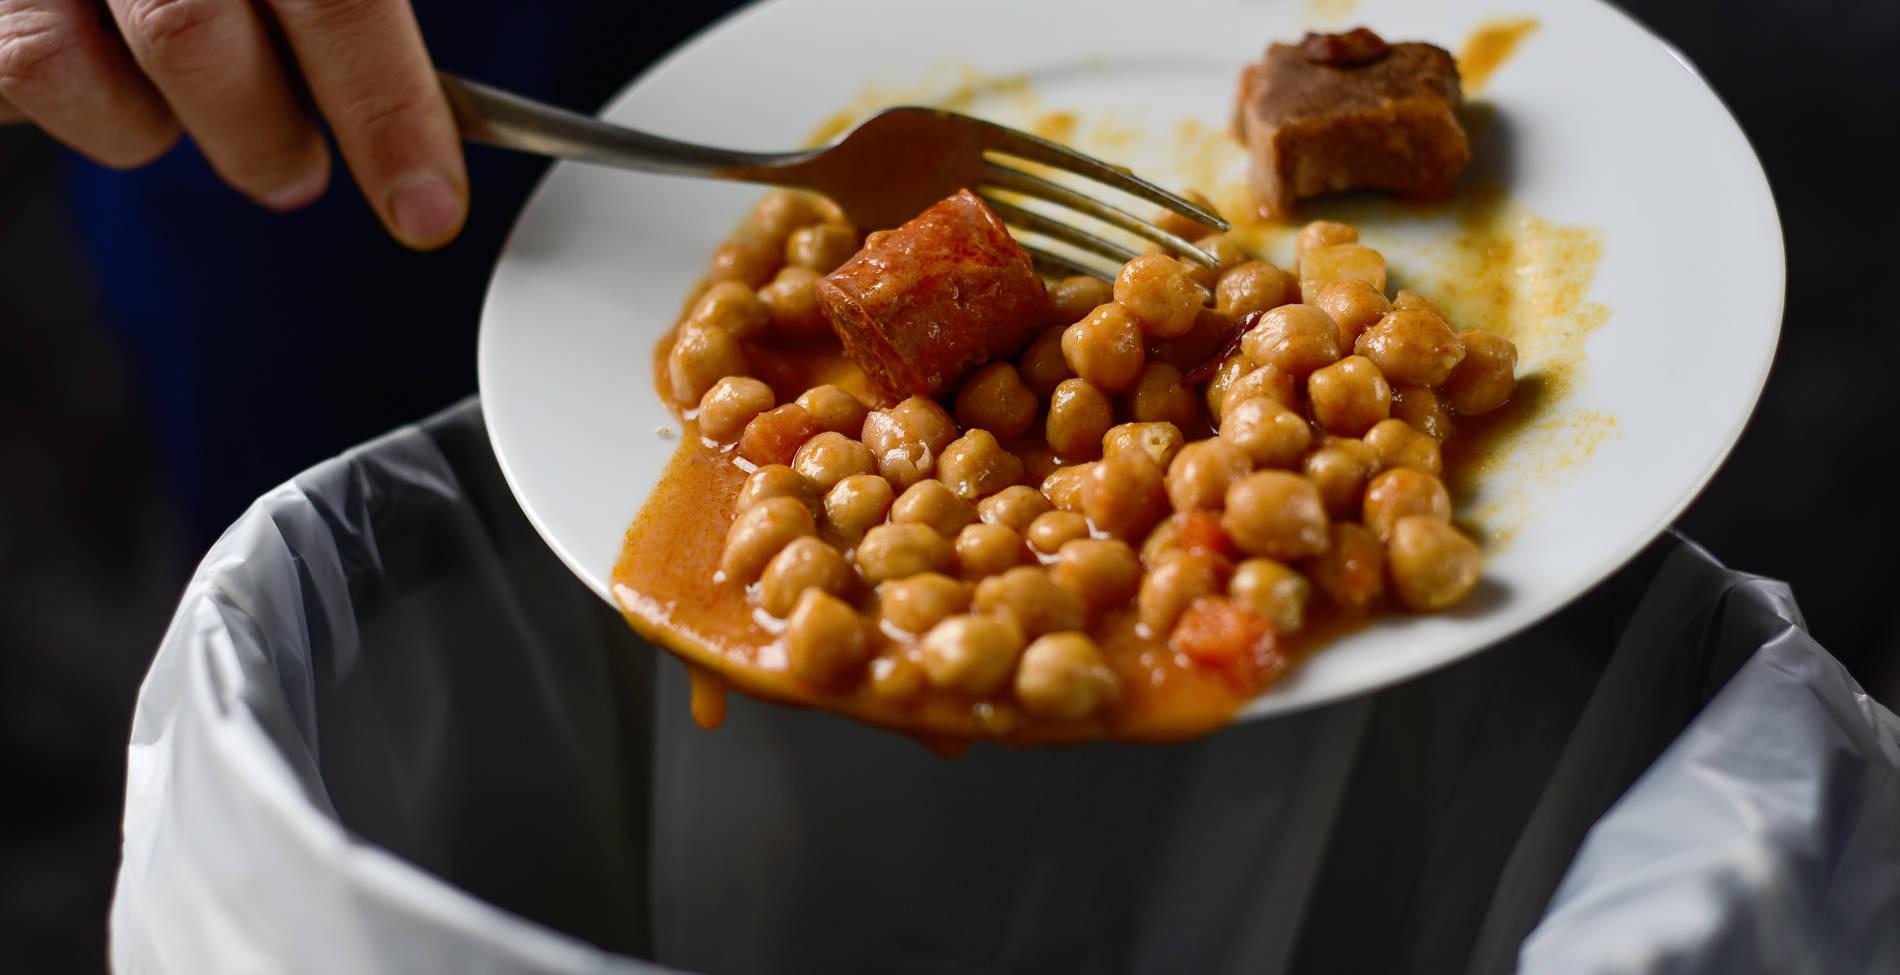 Αποτέλεσμα εικόνας για Σοκάρουν τα στοιχεία για τη σπατάλη τροφίμων, τι συμβαίνει στην Ελλάδα